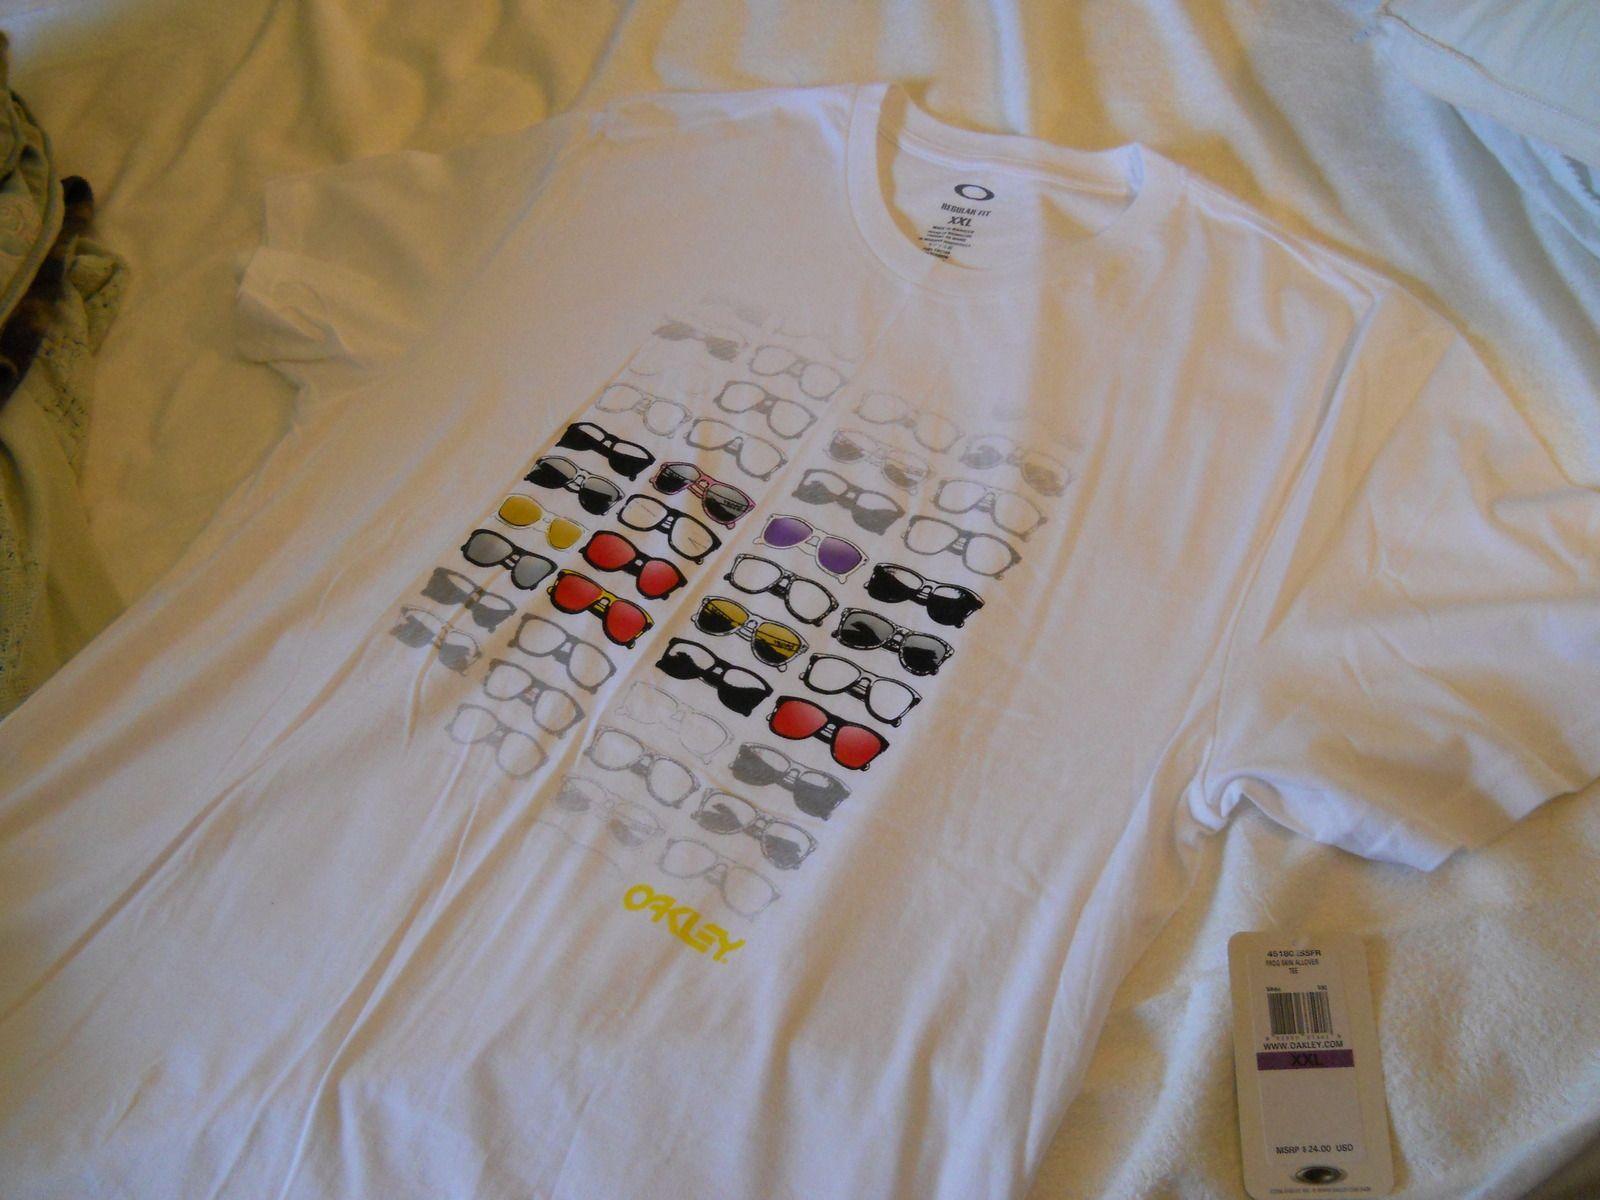 Frogskins White Tee Shirt - dscn0046j.jpg